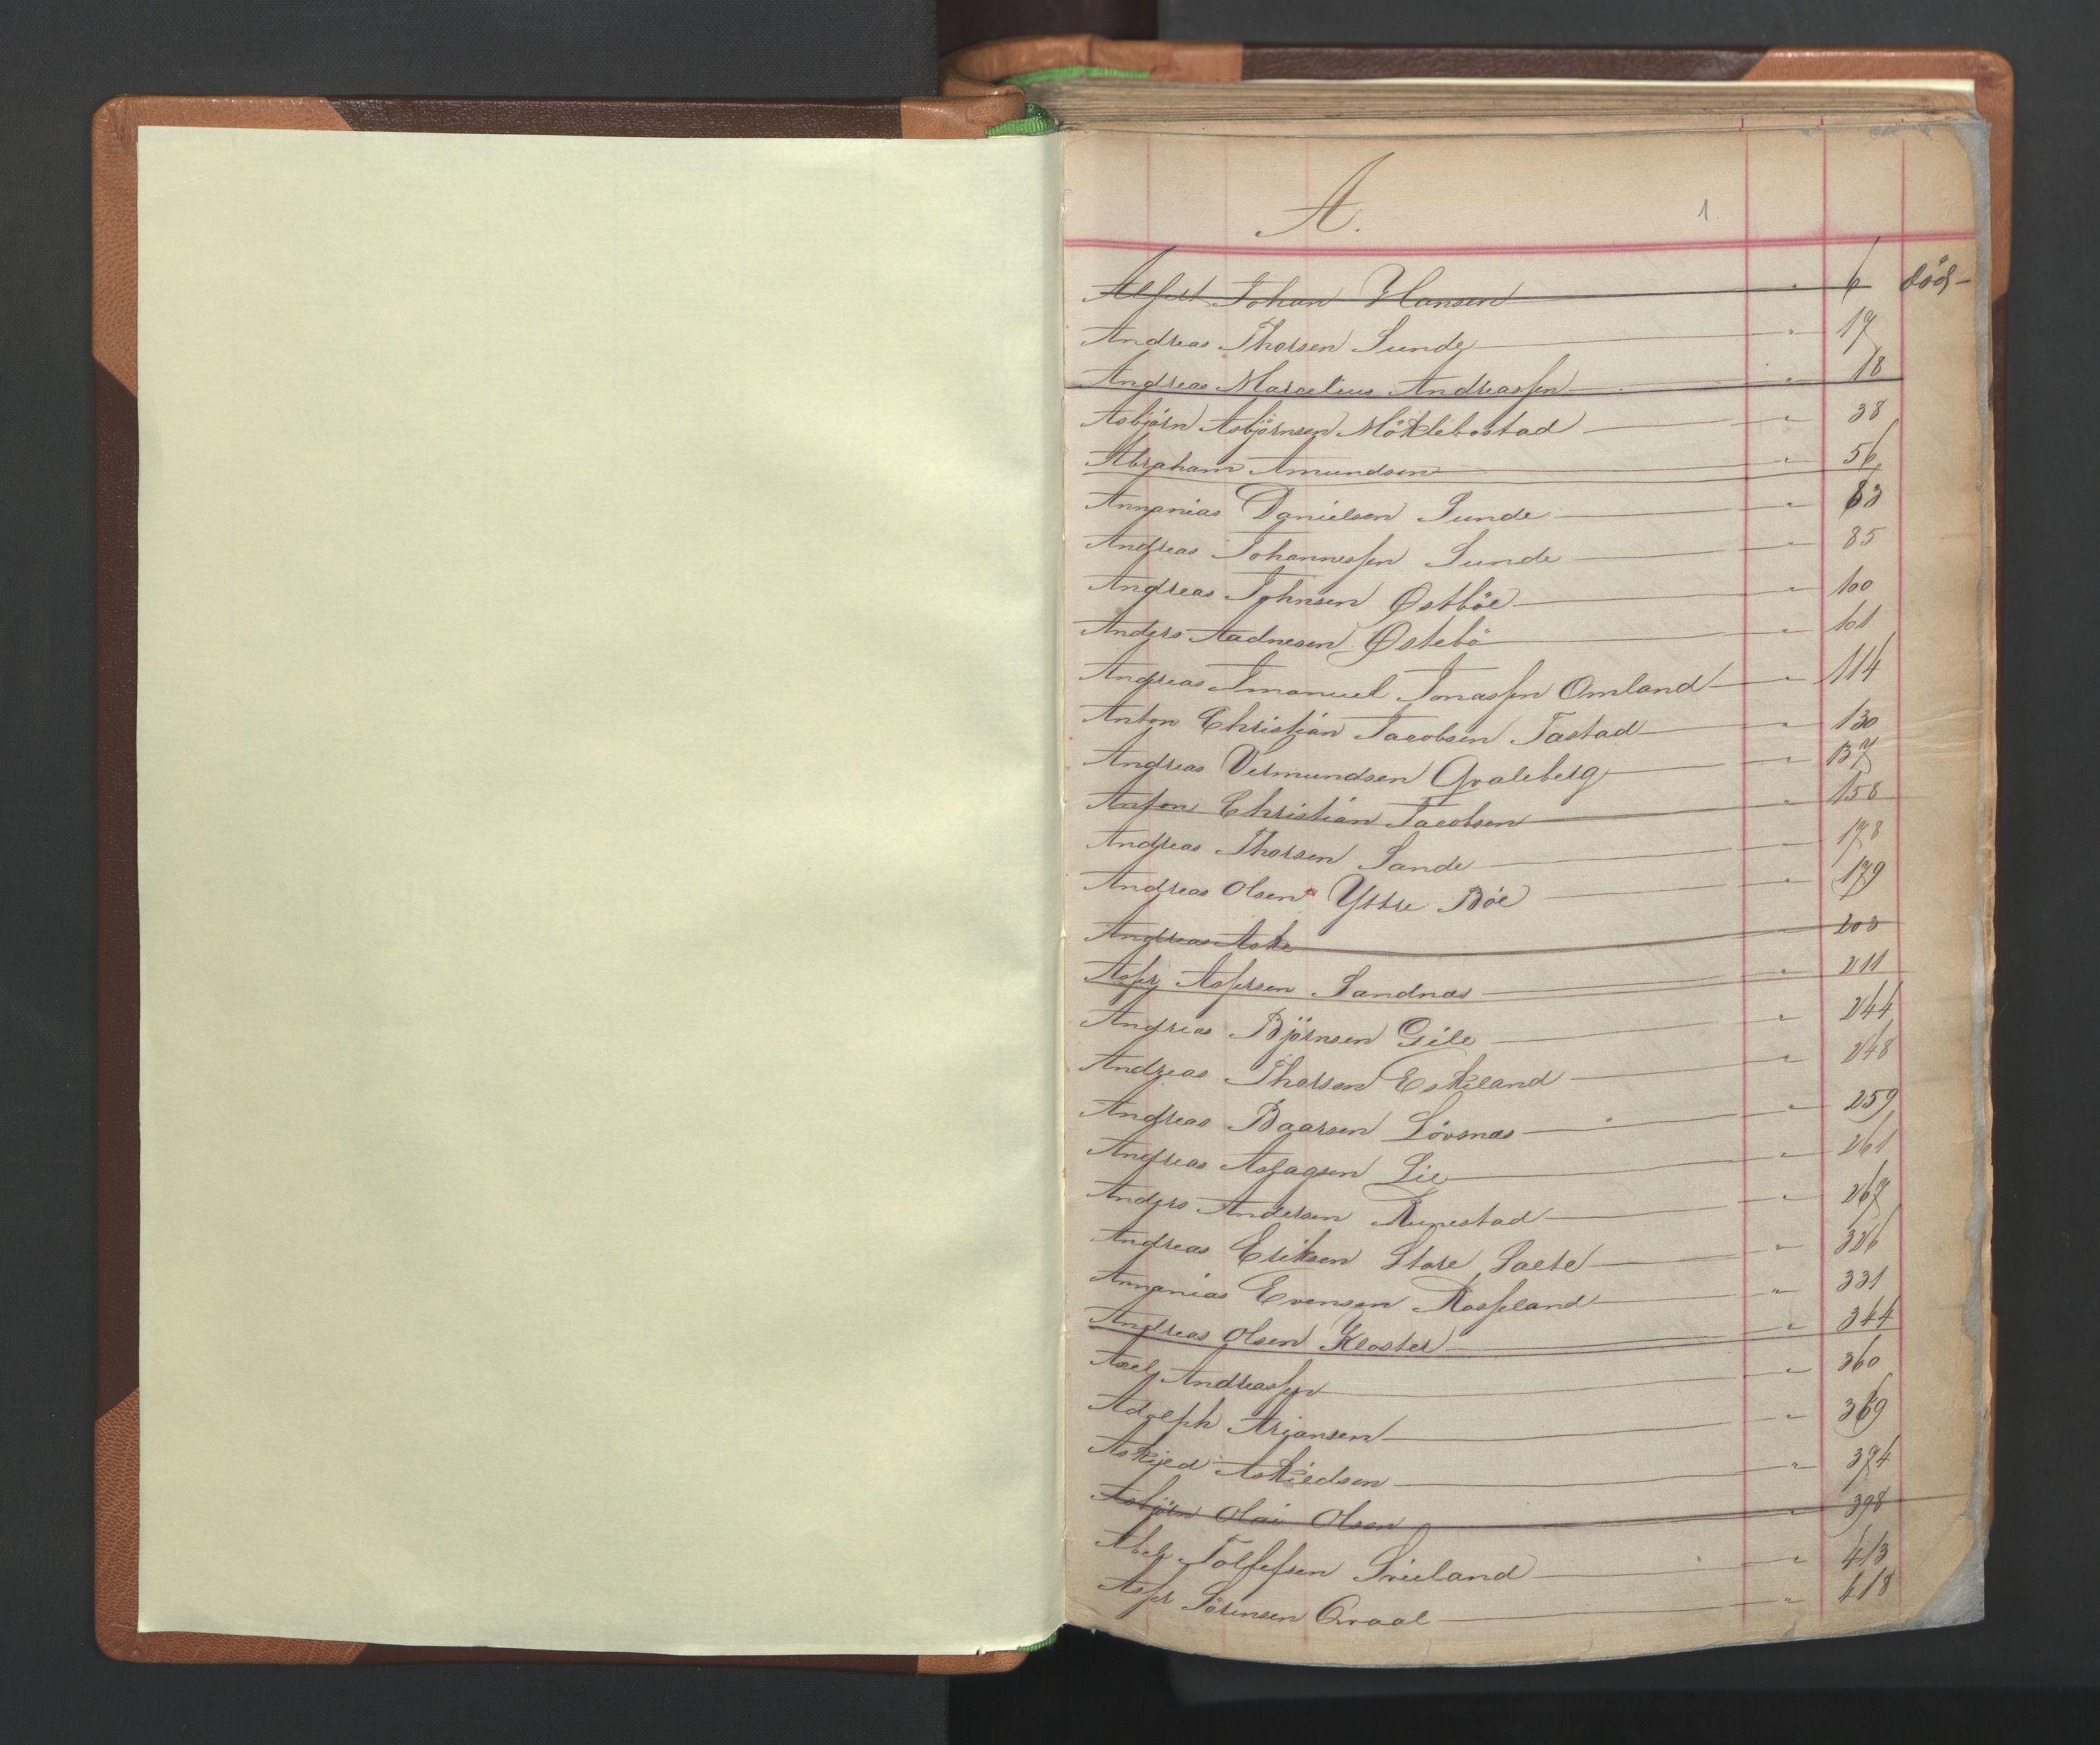 SAST, Stavanger sjømannskontor, F/Fb/Fba/L0001: Navneregister sjøfartsruller, 1860-1948, s. 3